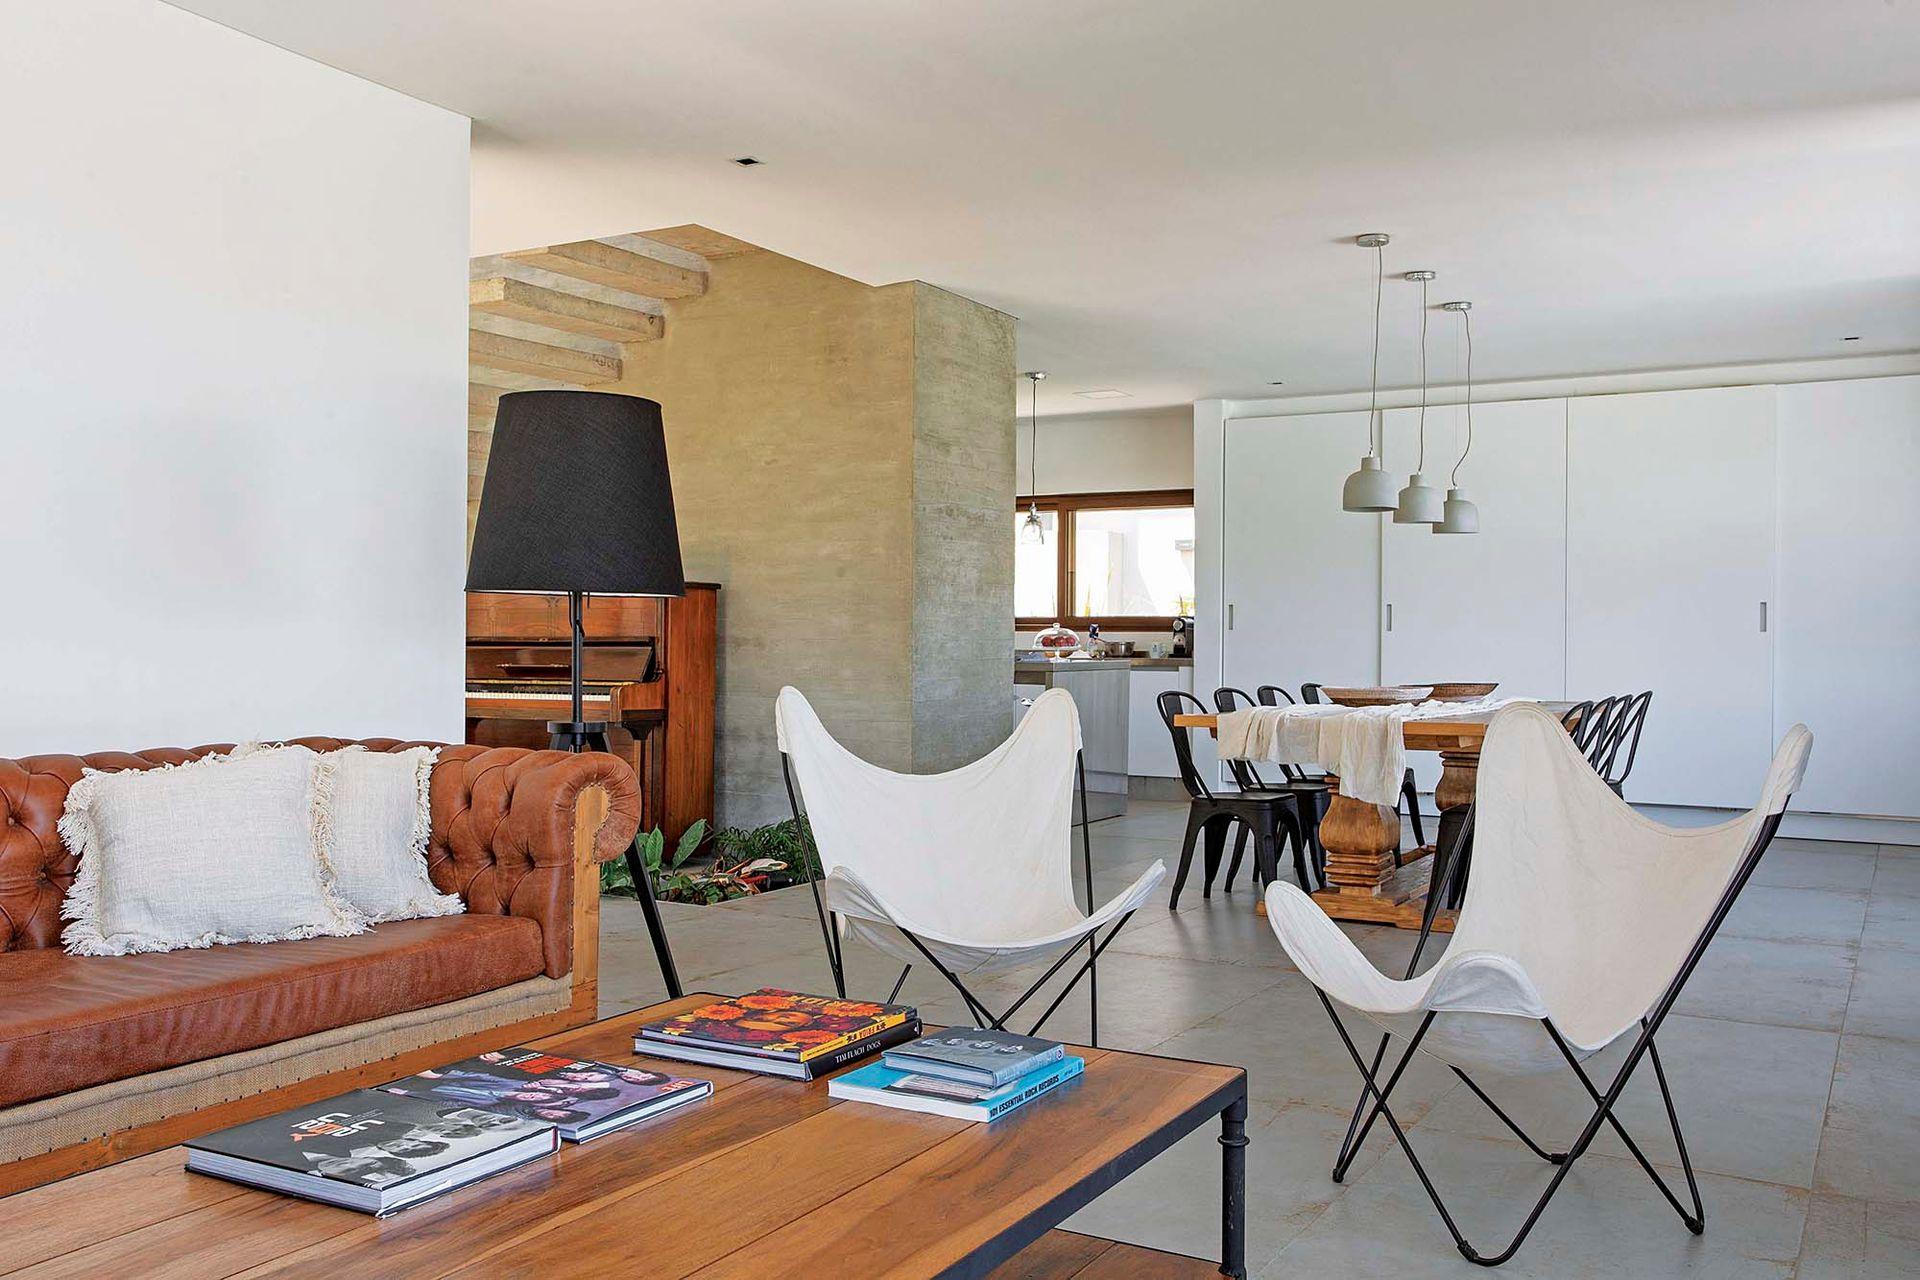 Con cuatro puertas blancas (mismo color de las paredes) de piso a techo, el armario queda disimulado como cabecera del comedor y paso hacia la cocina.